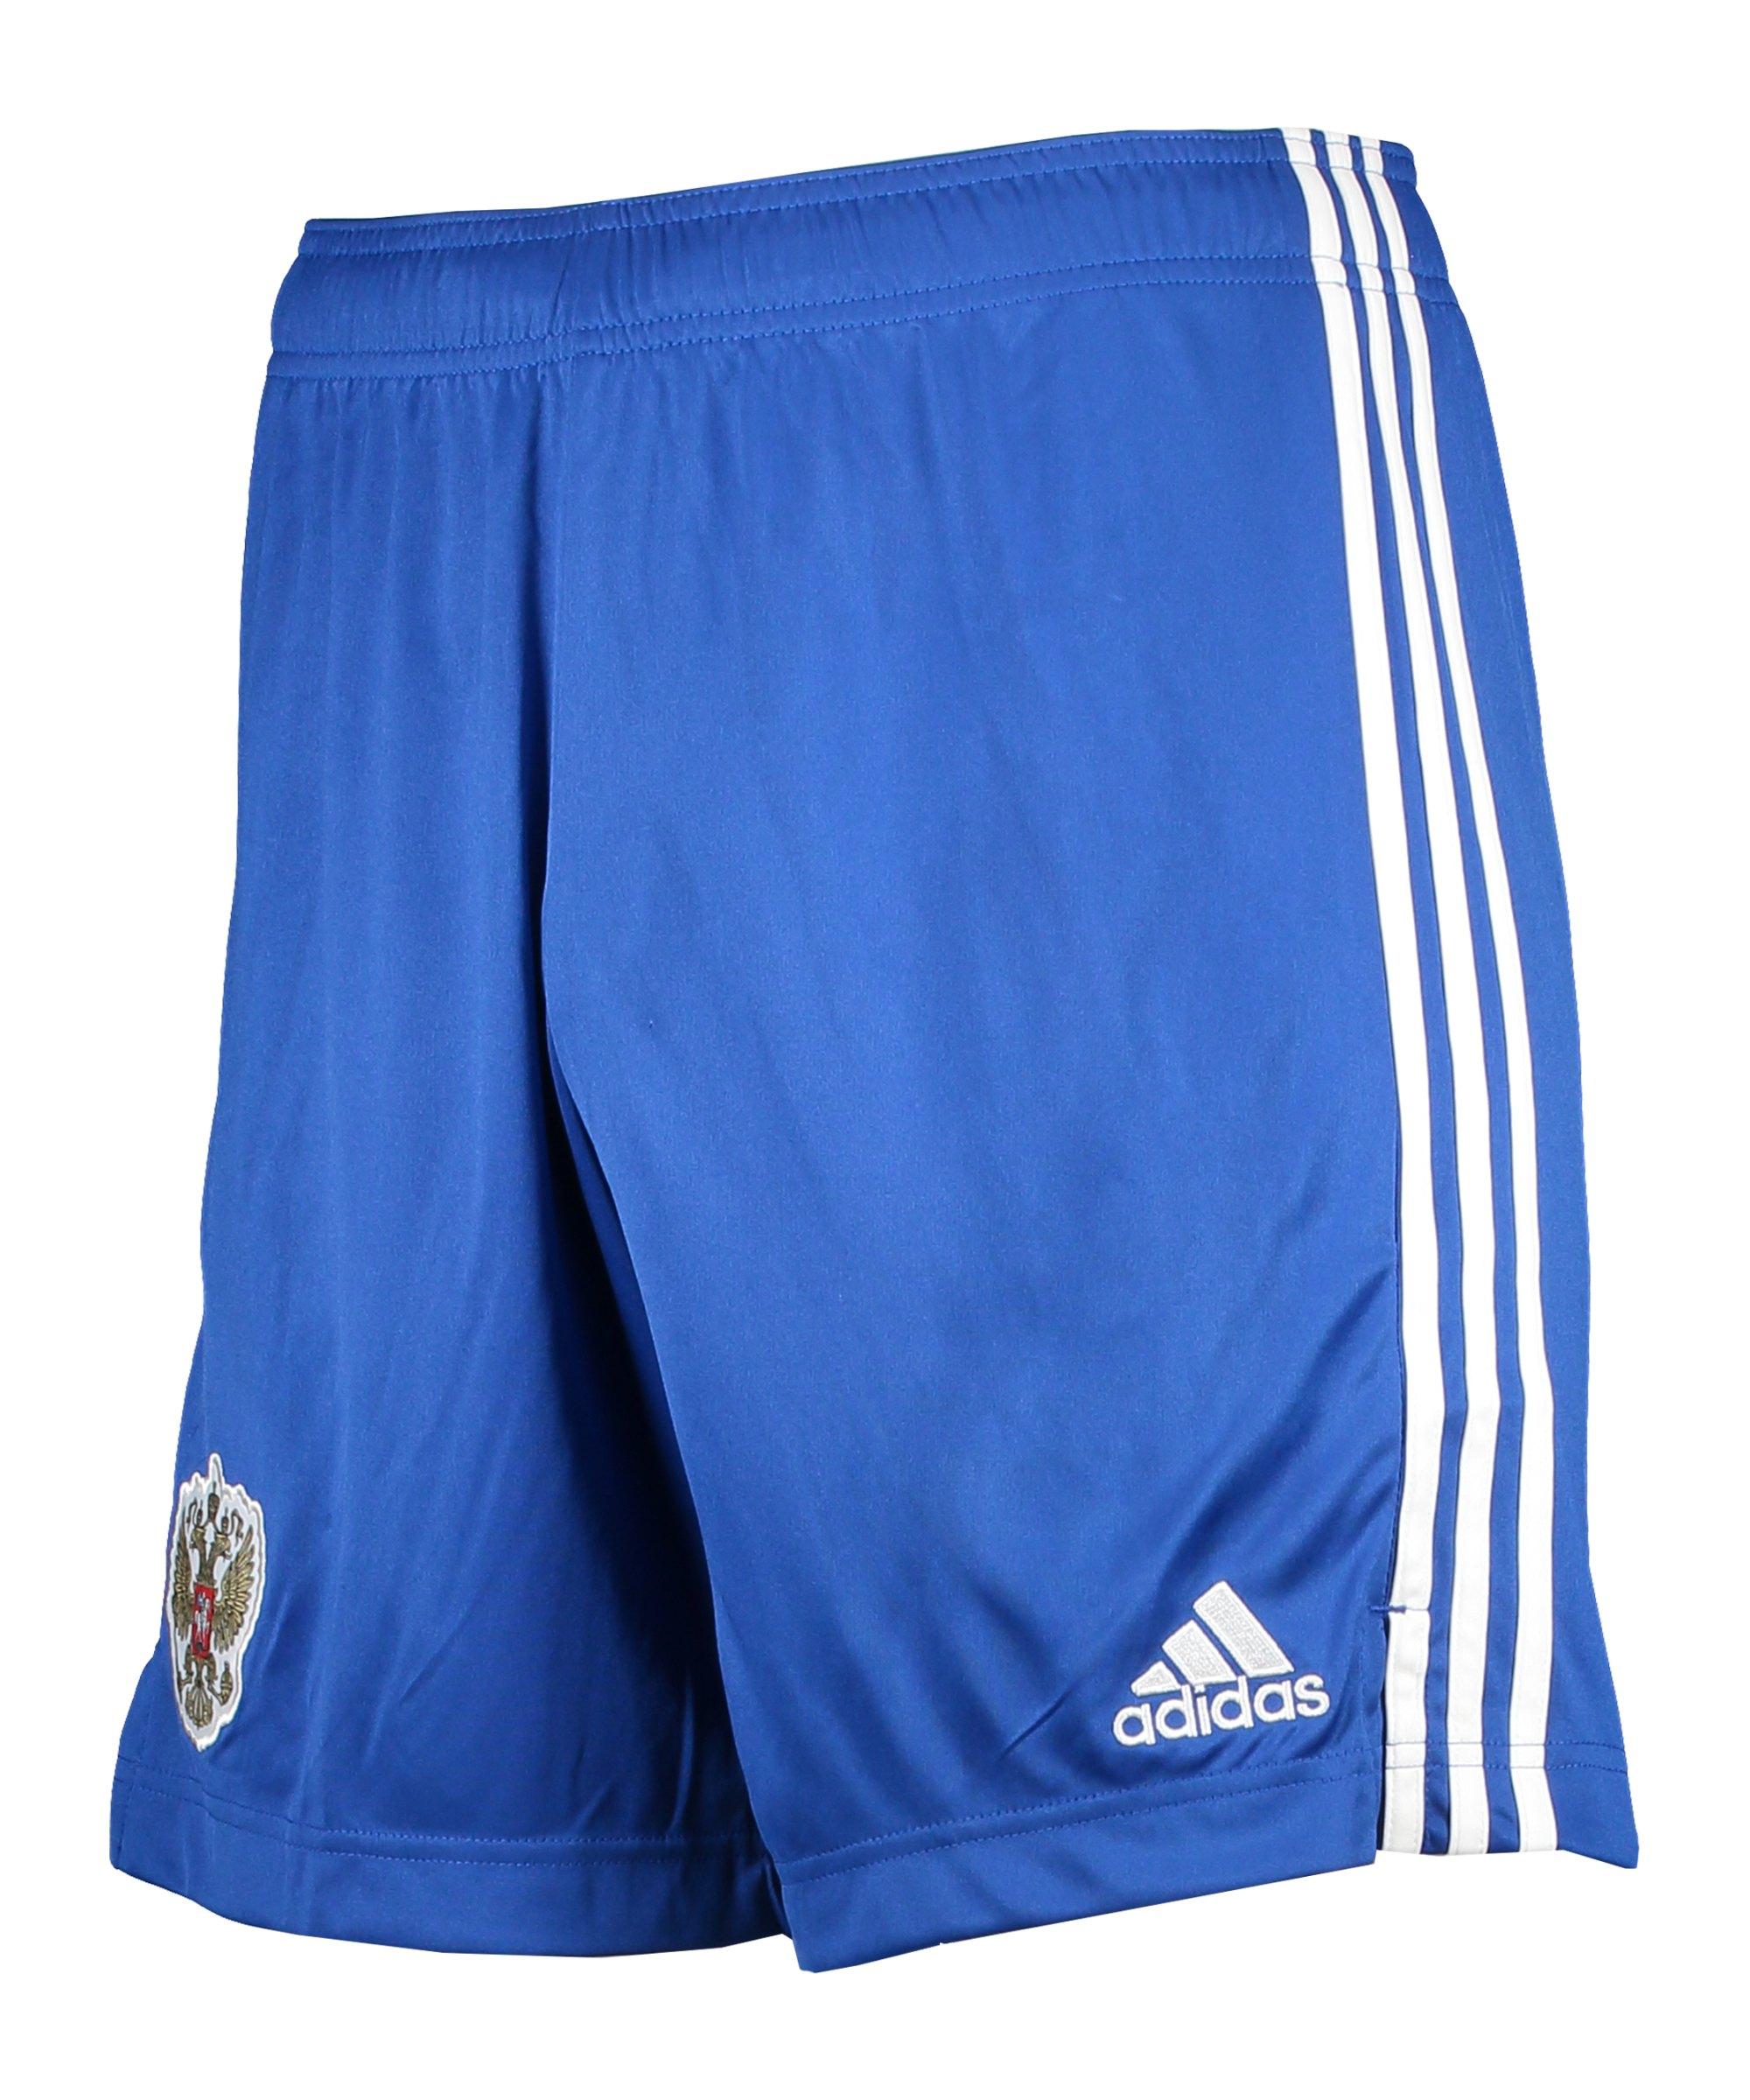 adidas Russland Short Away EM 2020 Blau - blau